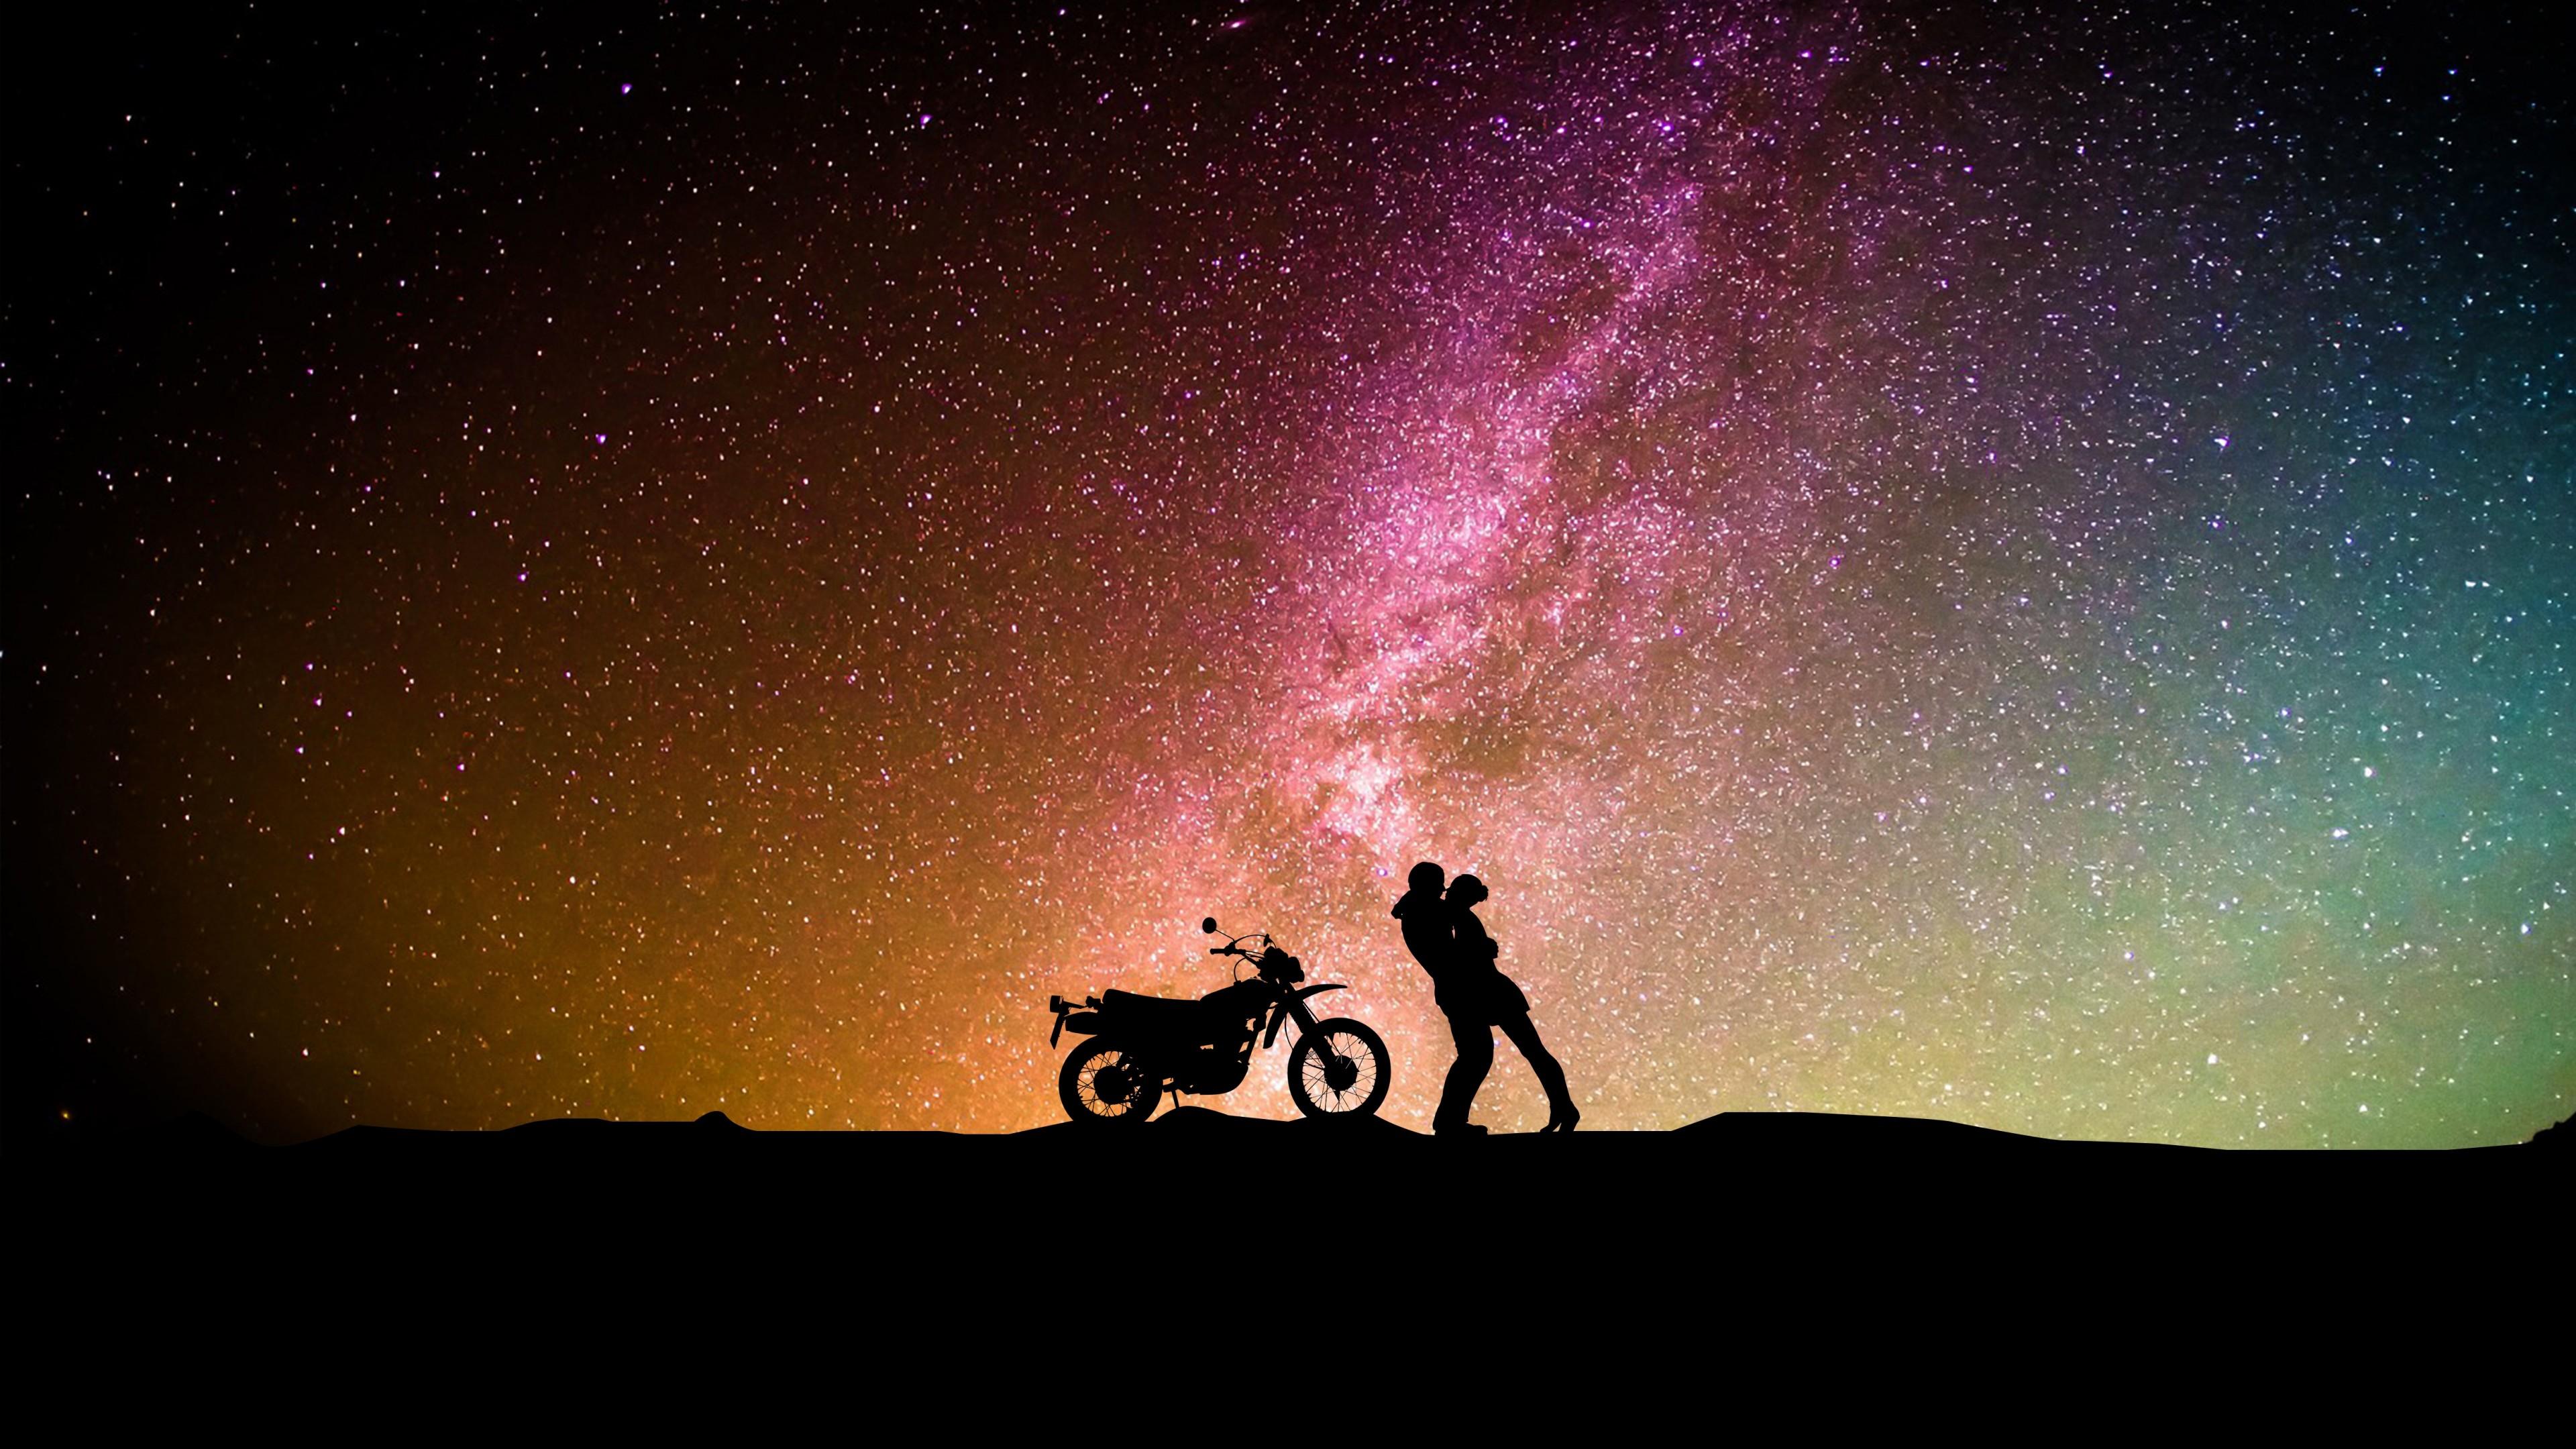 Силуэты влюбленных , мотоцикла на фоне цветных сполохов Северного сияния с ярким переливом звезд